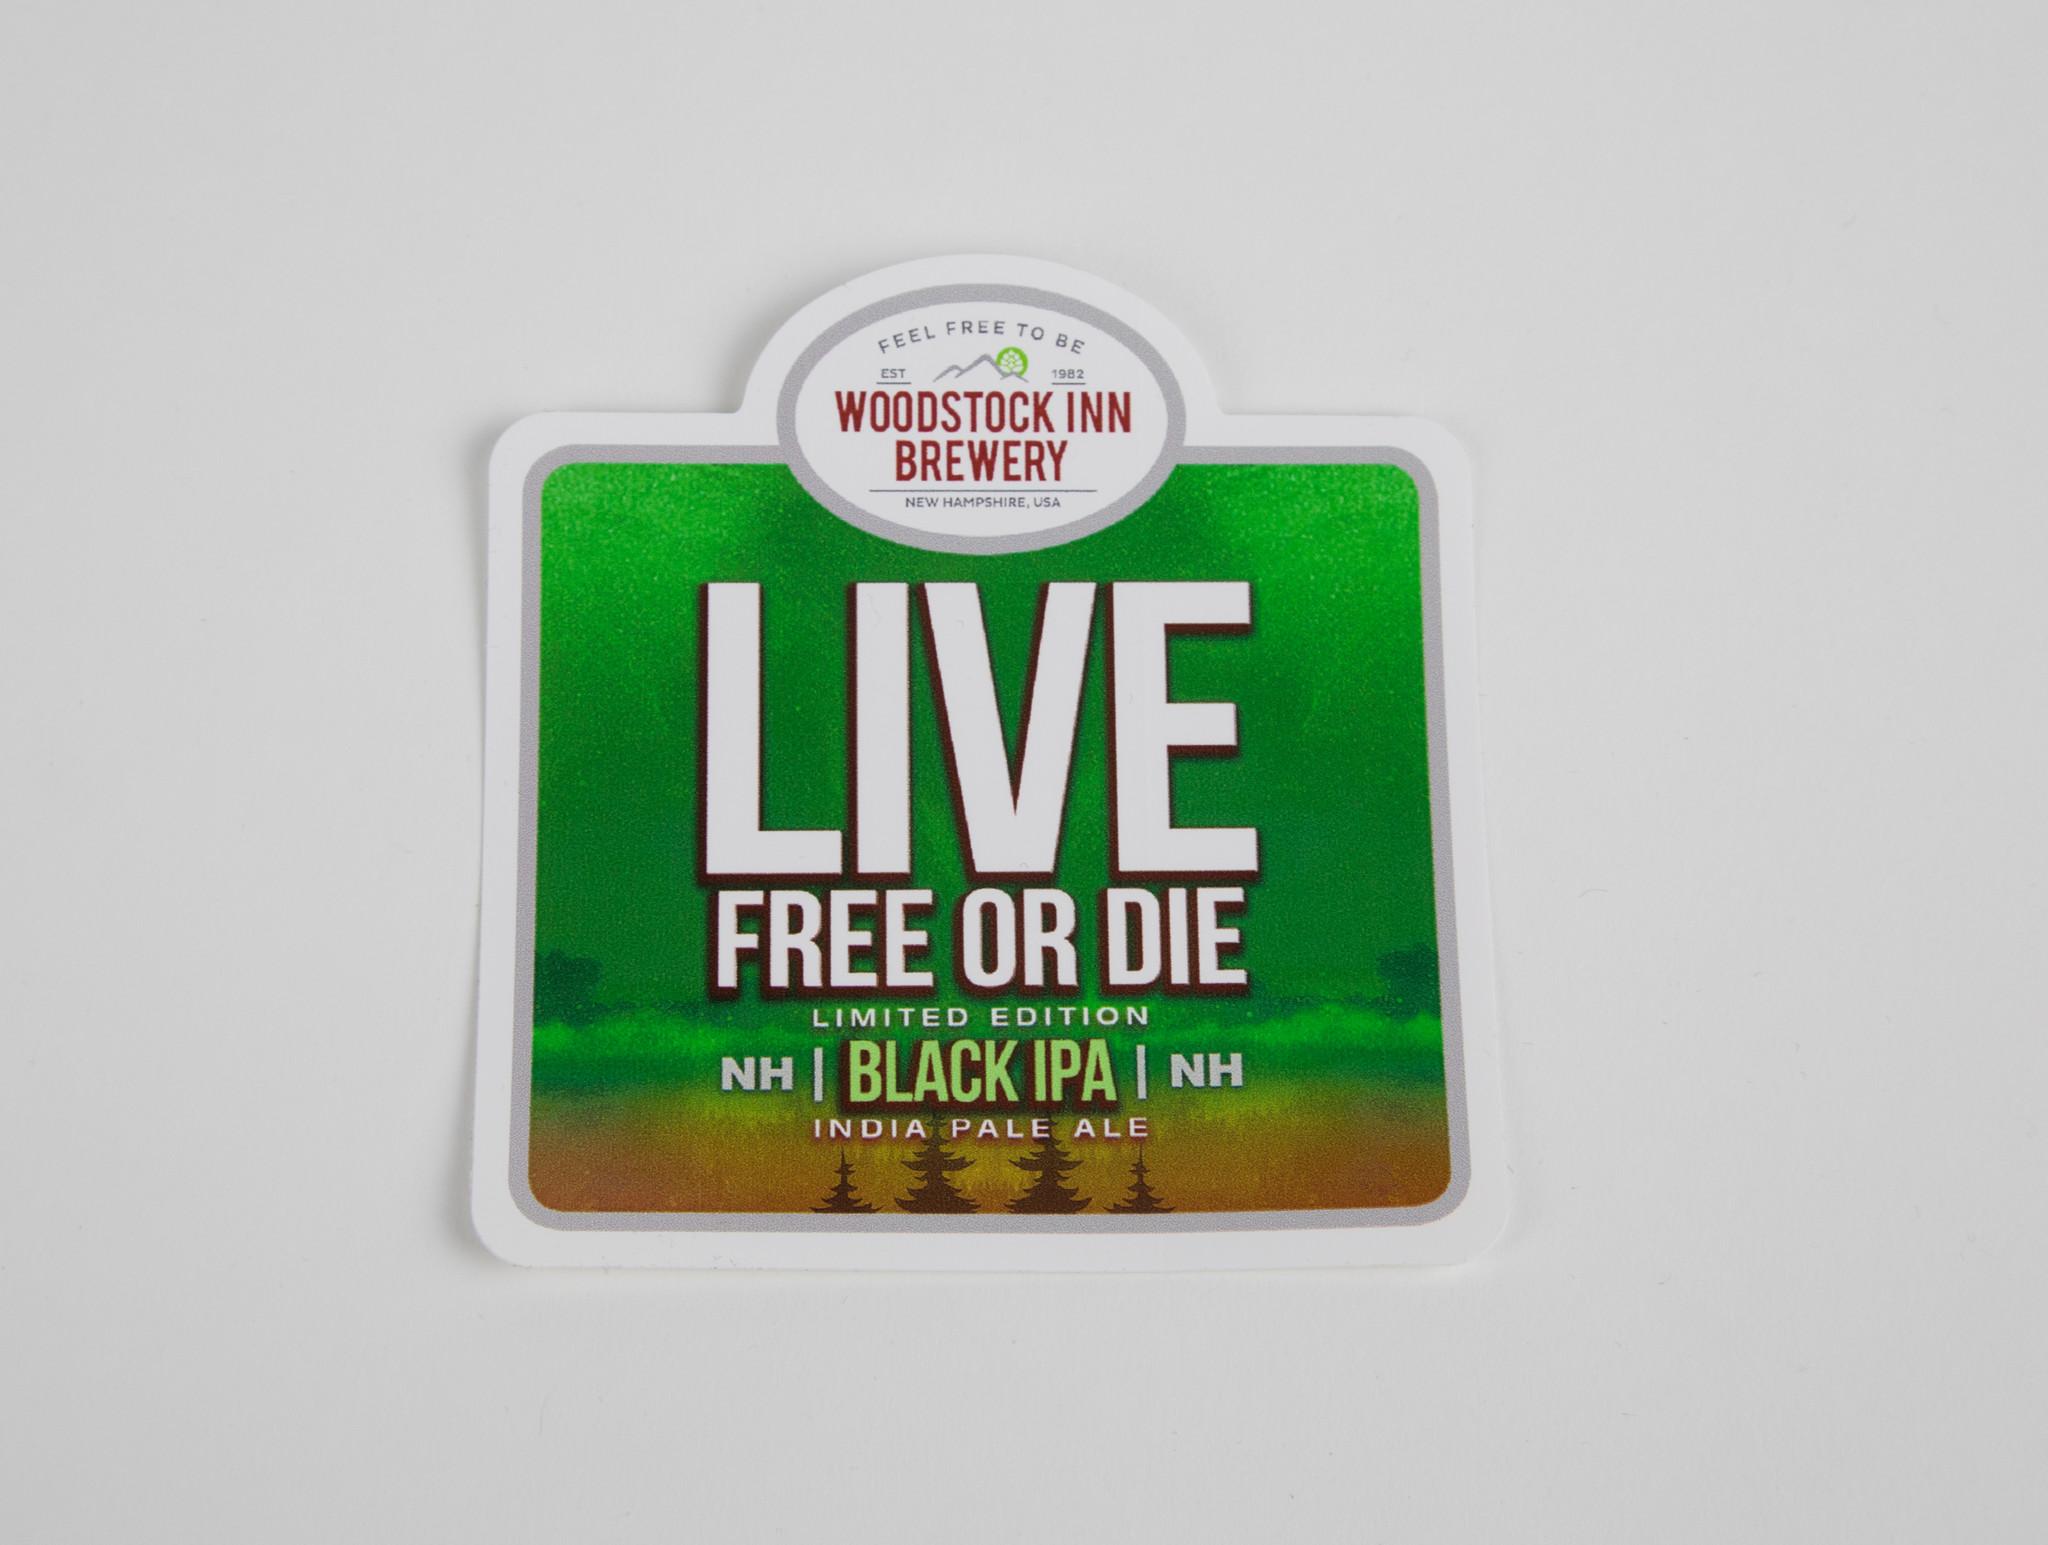 Live Free or Die Beer Sticker